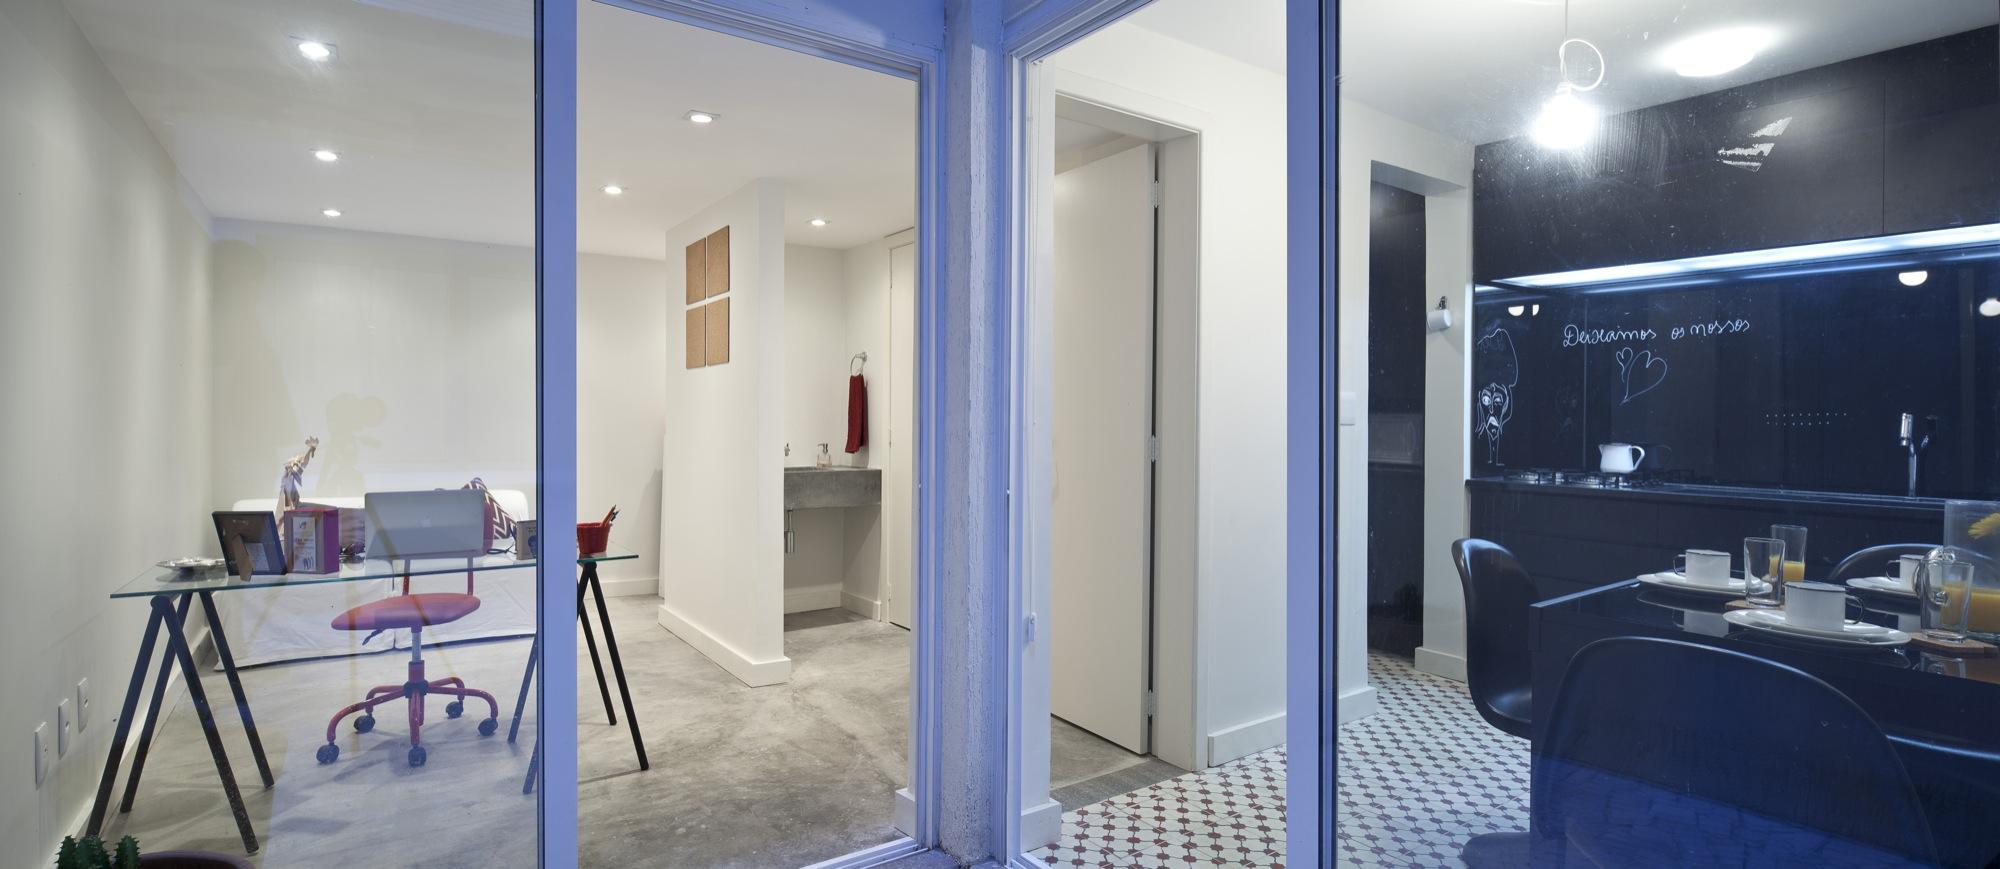 Apartamento da Atriz / 0E1 Arquitetos, © Marcelo Donadussi